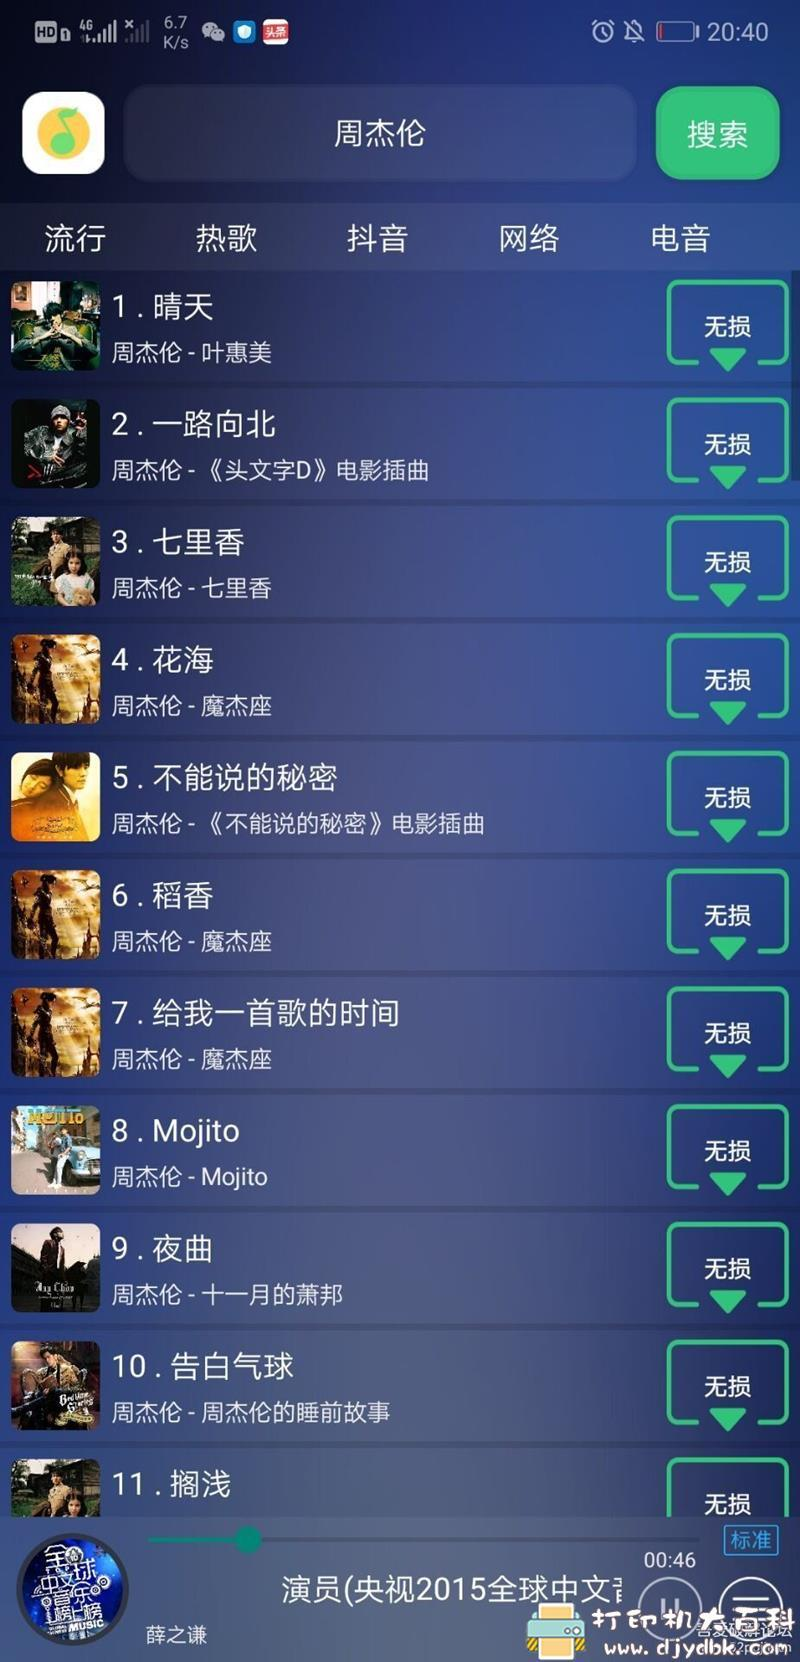 [Android]搜云音乐 V2.5 高级版,解锁七大音乐平台,可下载无损音质 配图 No.3